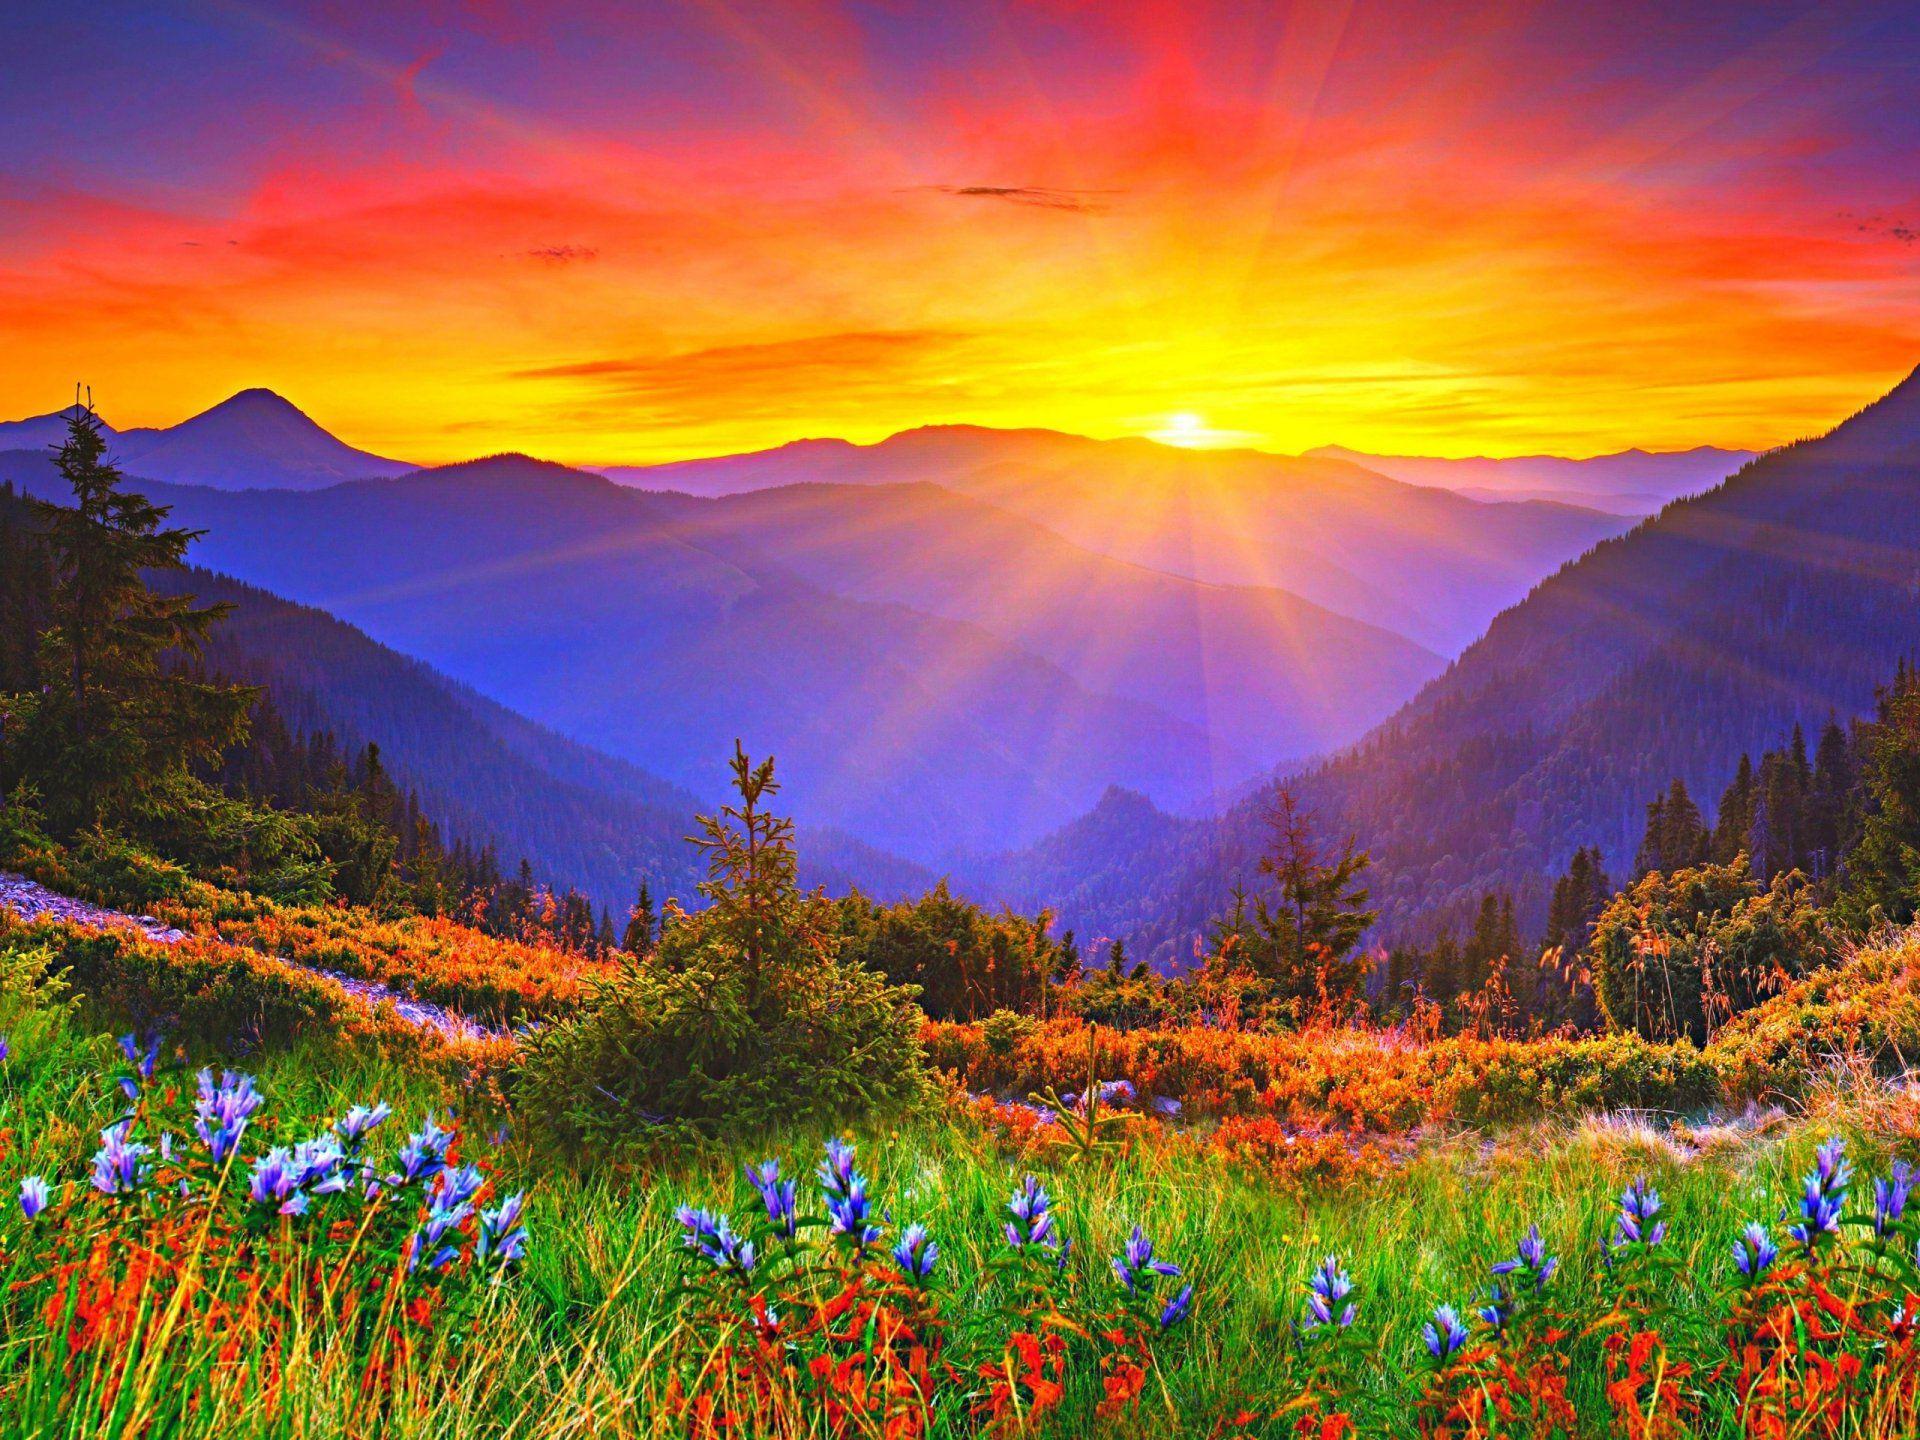 Must see Wallpaper Mountain Flower - 6c12a8c8ffc40723443cdaf2a2be677b  Snapshot_303771.jpg